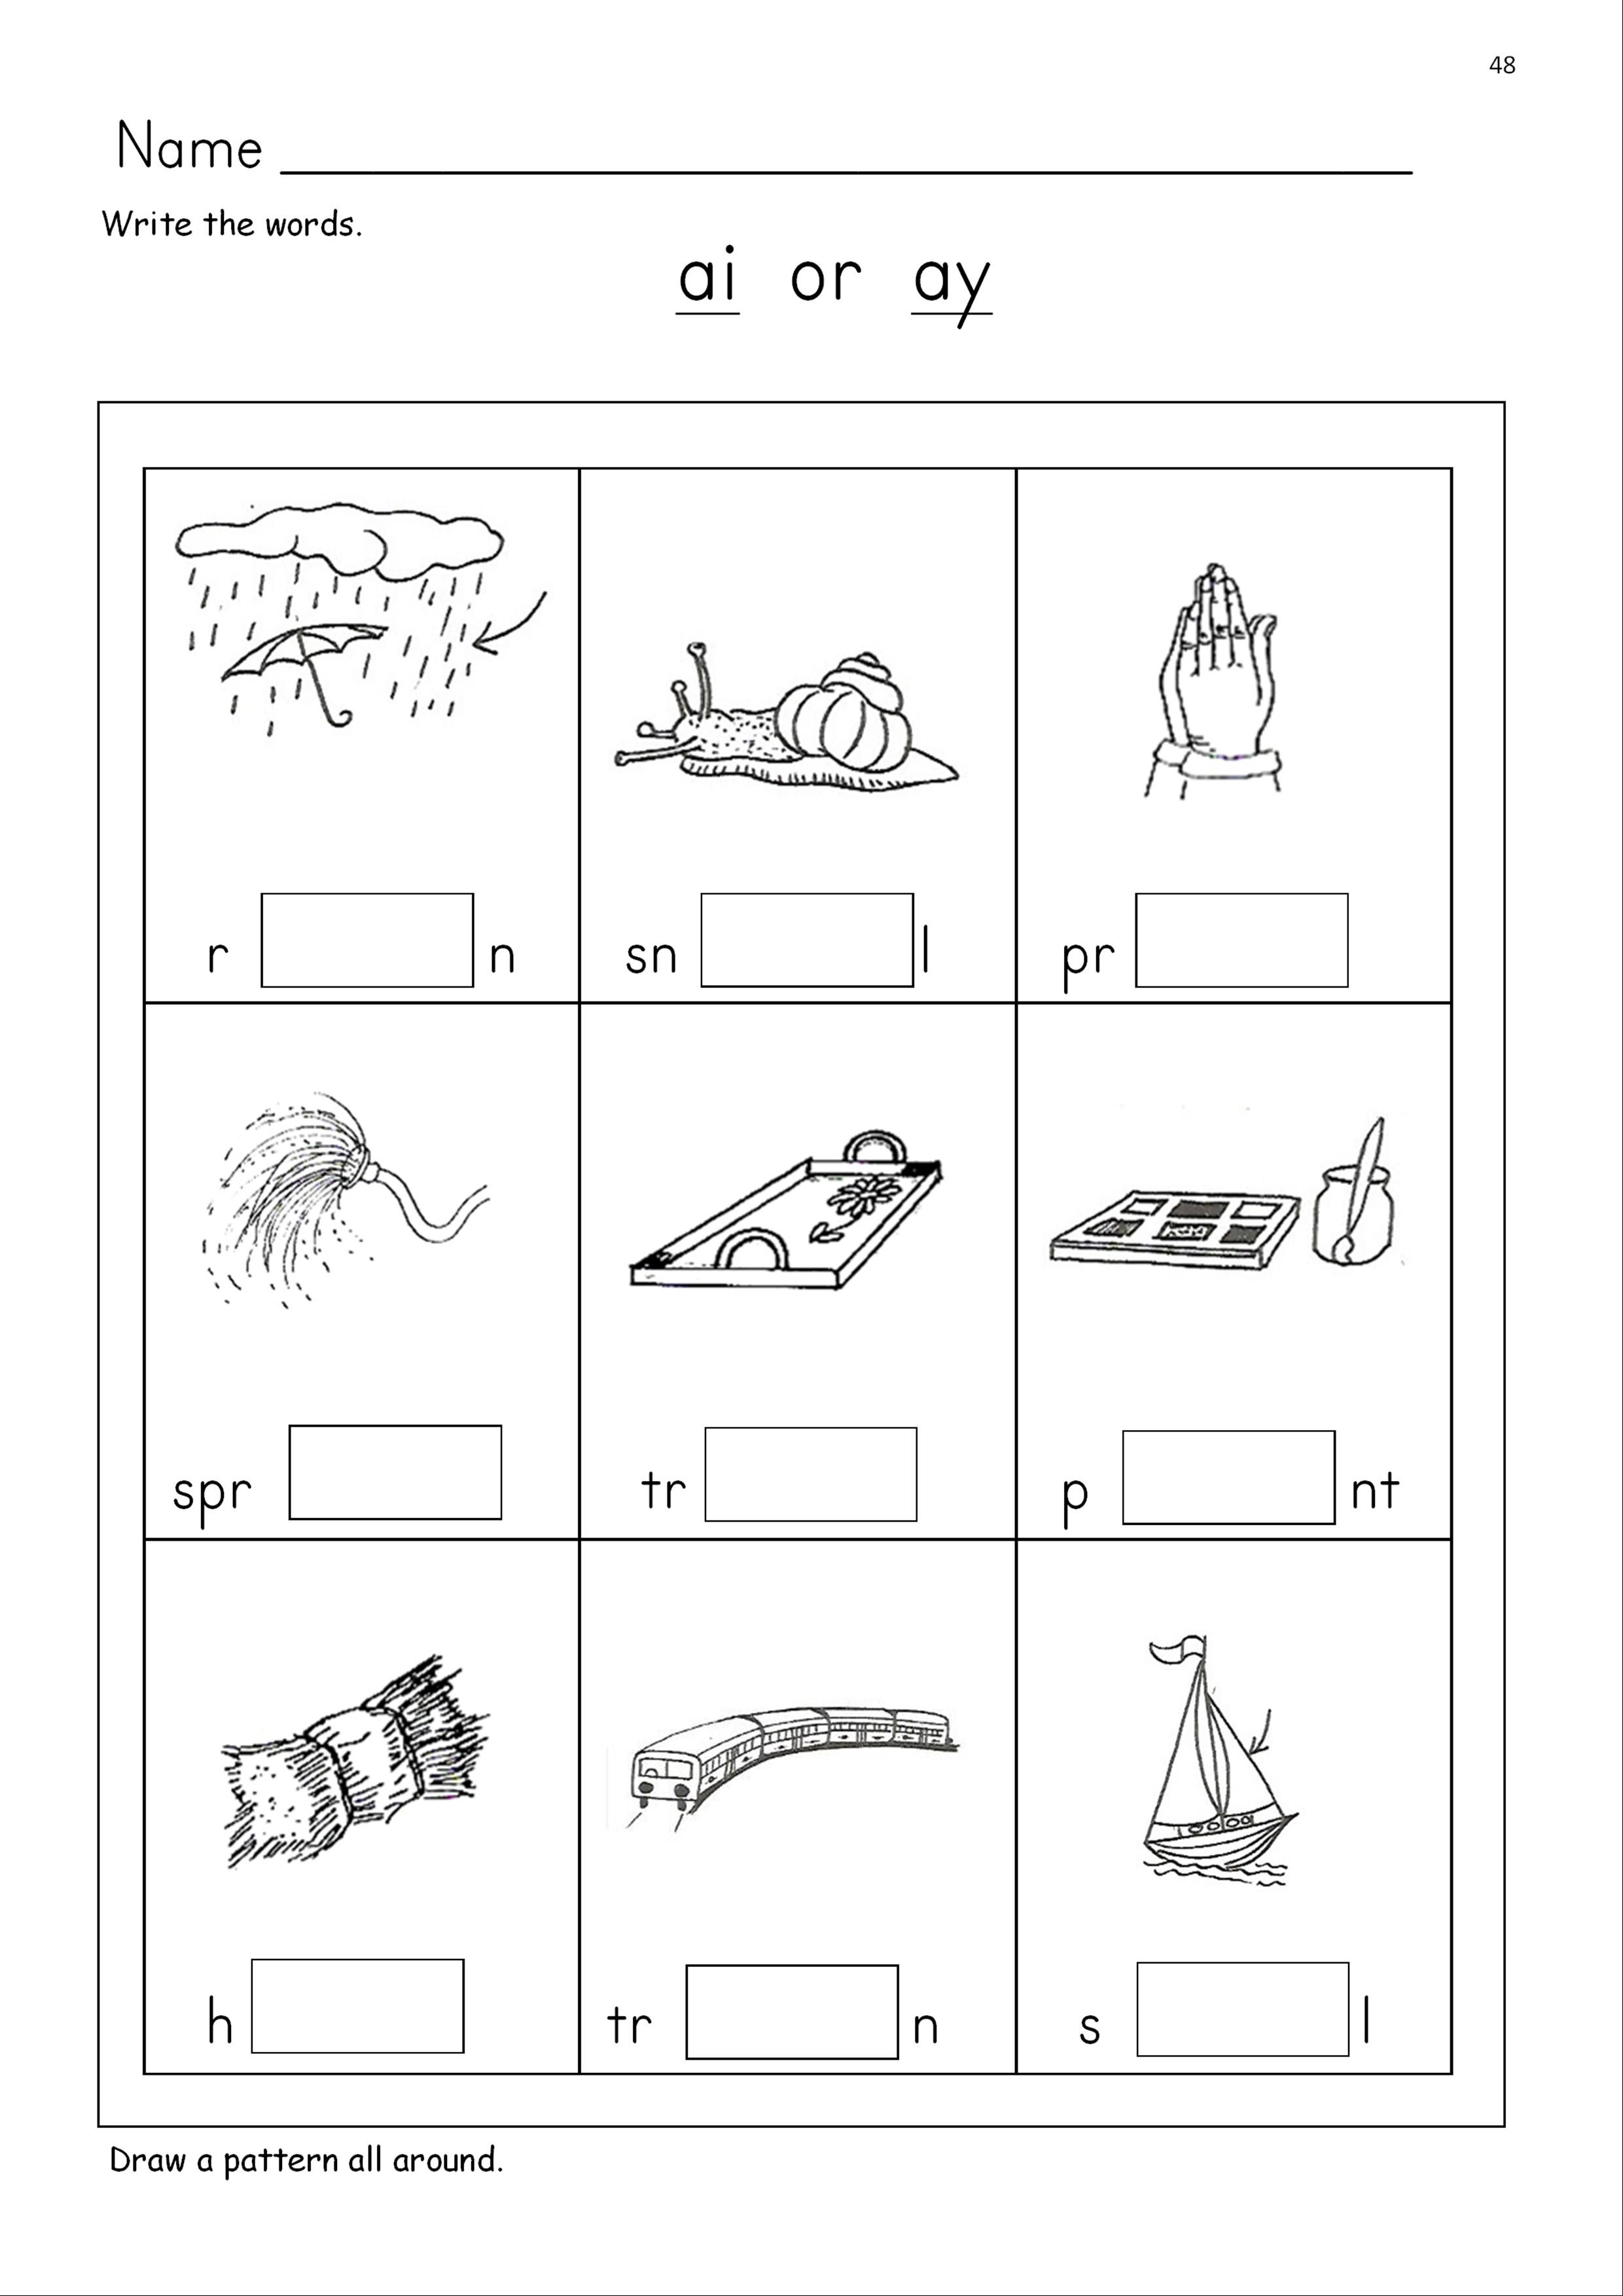 Ay Phonics Worksheets